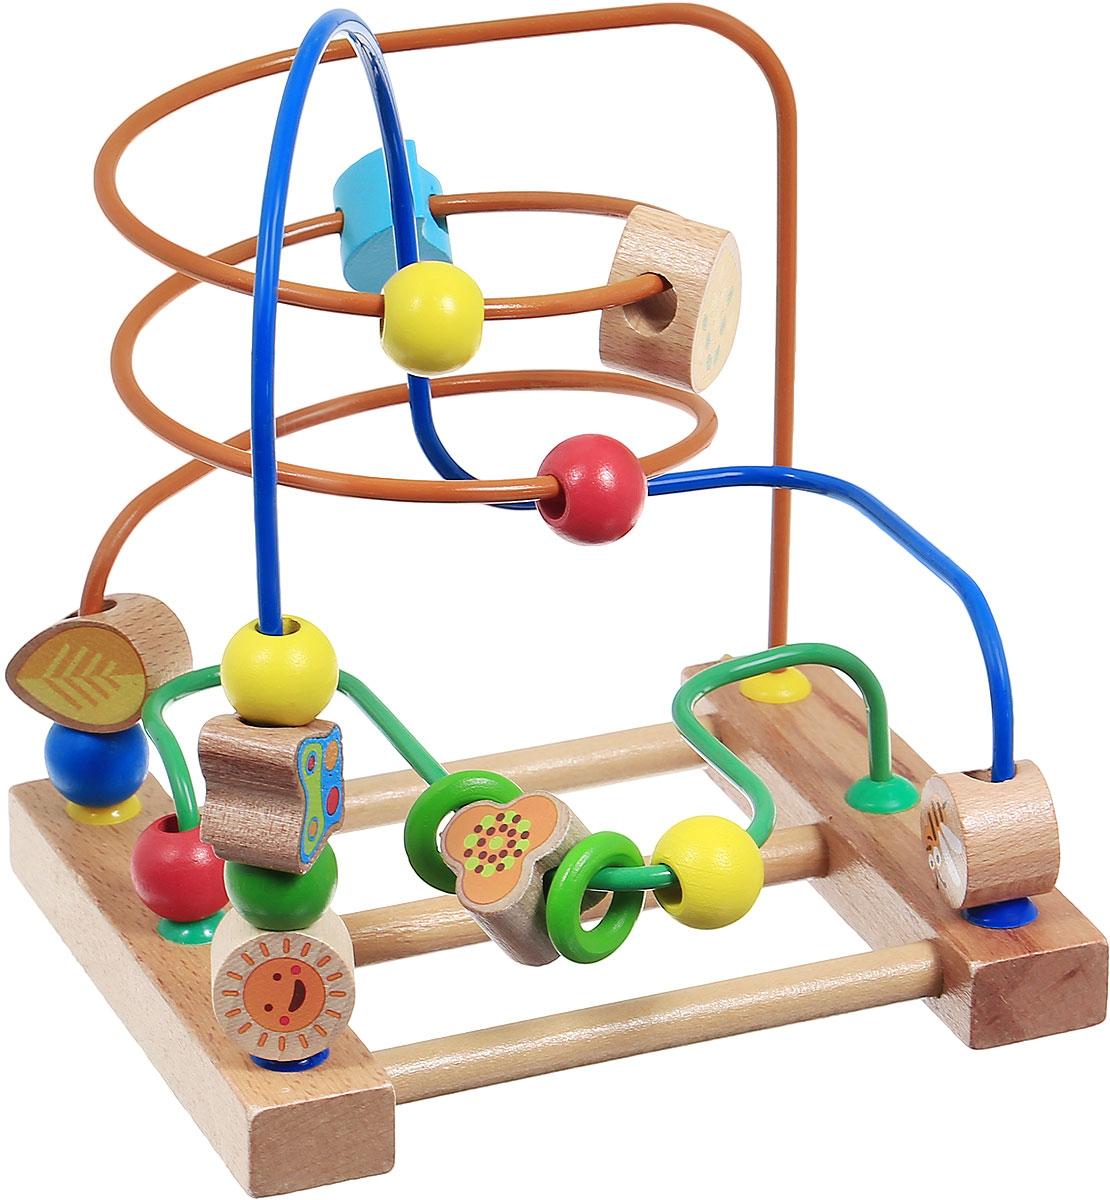 Мир деревянных игрушек Развивающая игра Лабиринт №3  - купить со скидкой